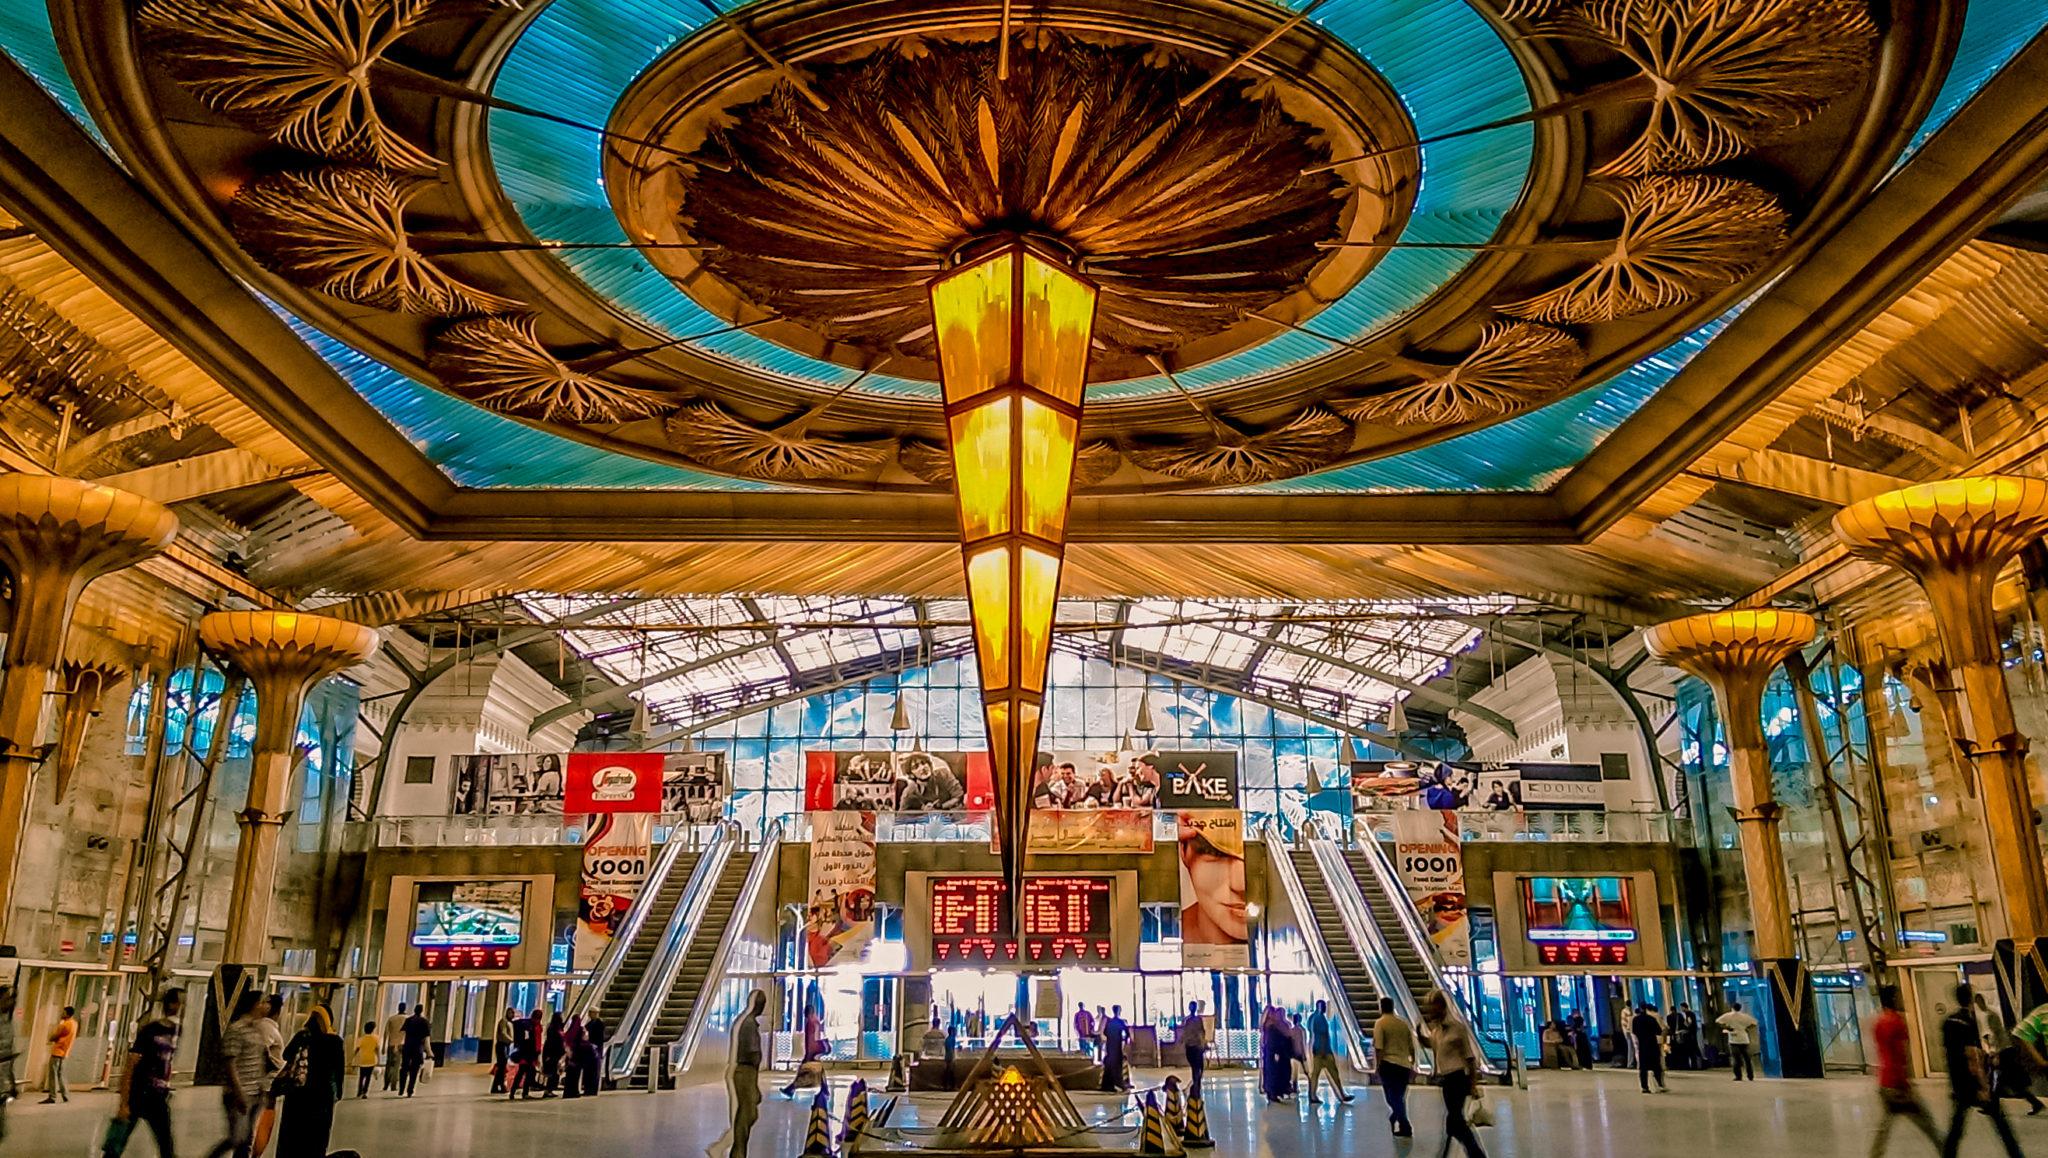 Cairo main station